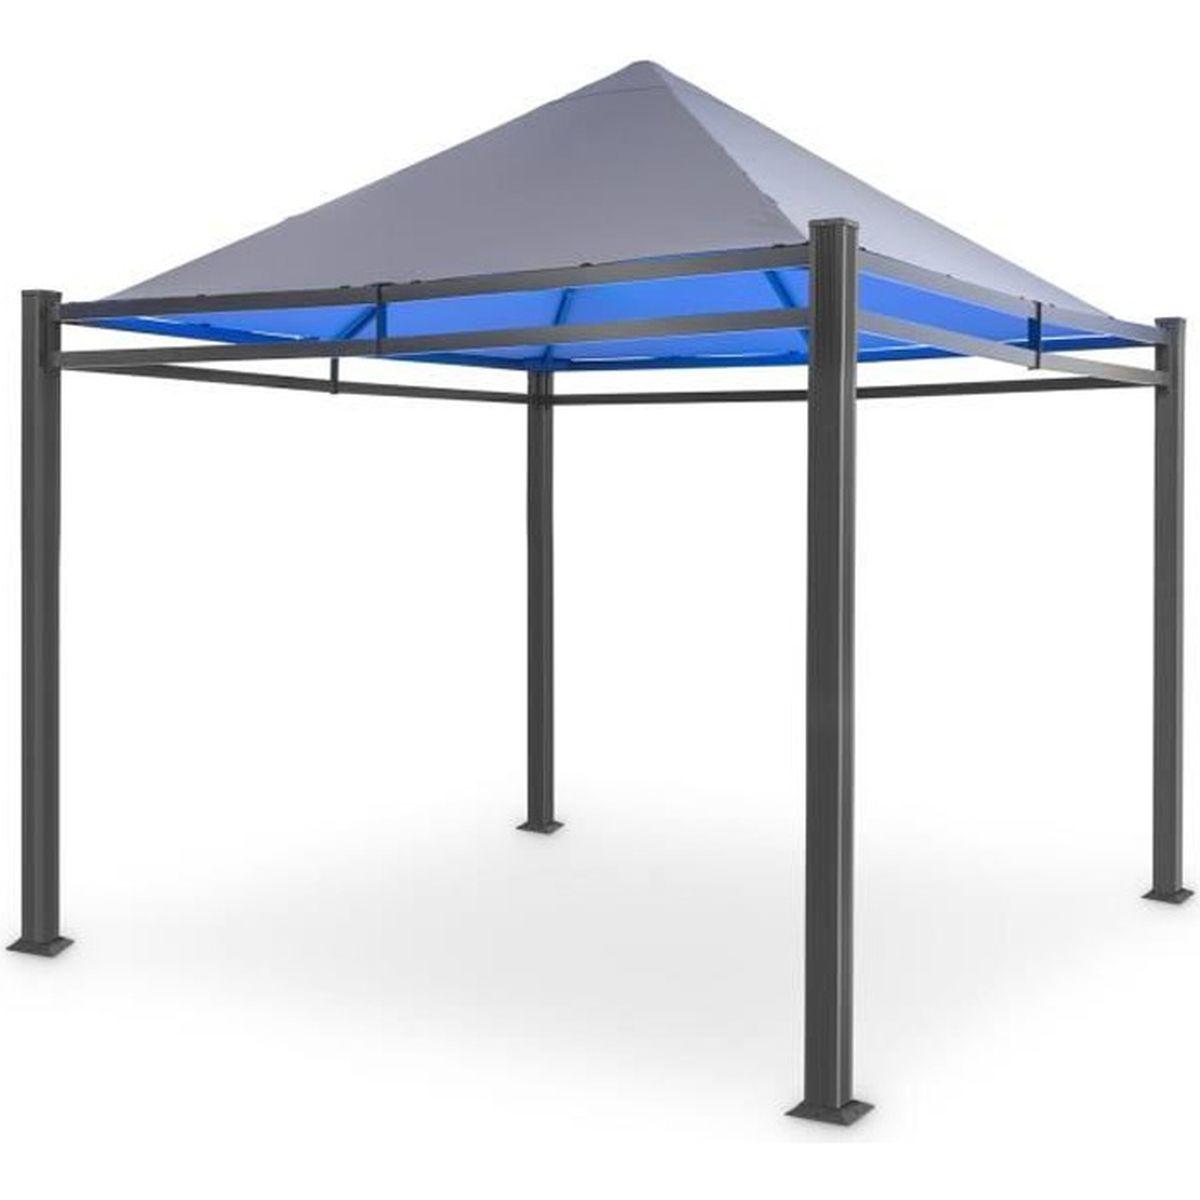 Remplacement Du Toit PVC Revêtement en Pavillon Étanche Imperméable Env 3x3m